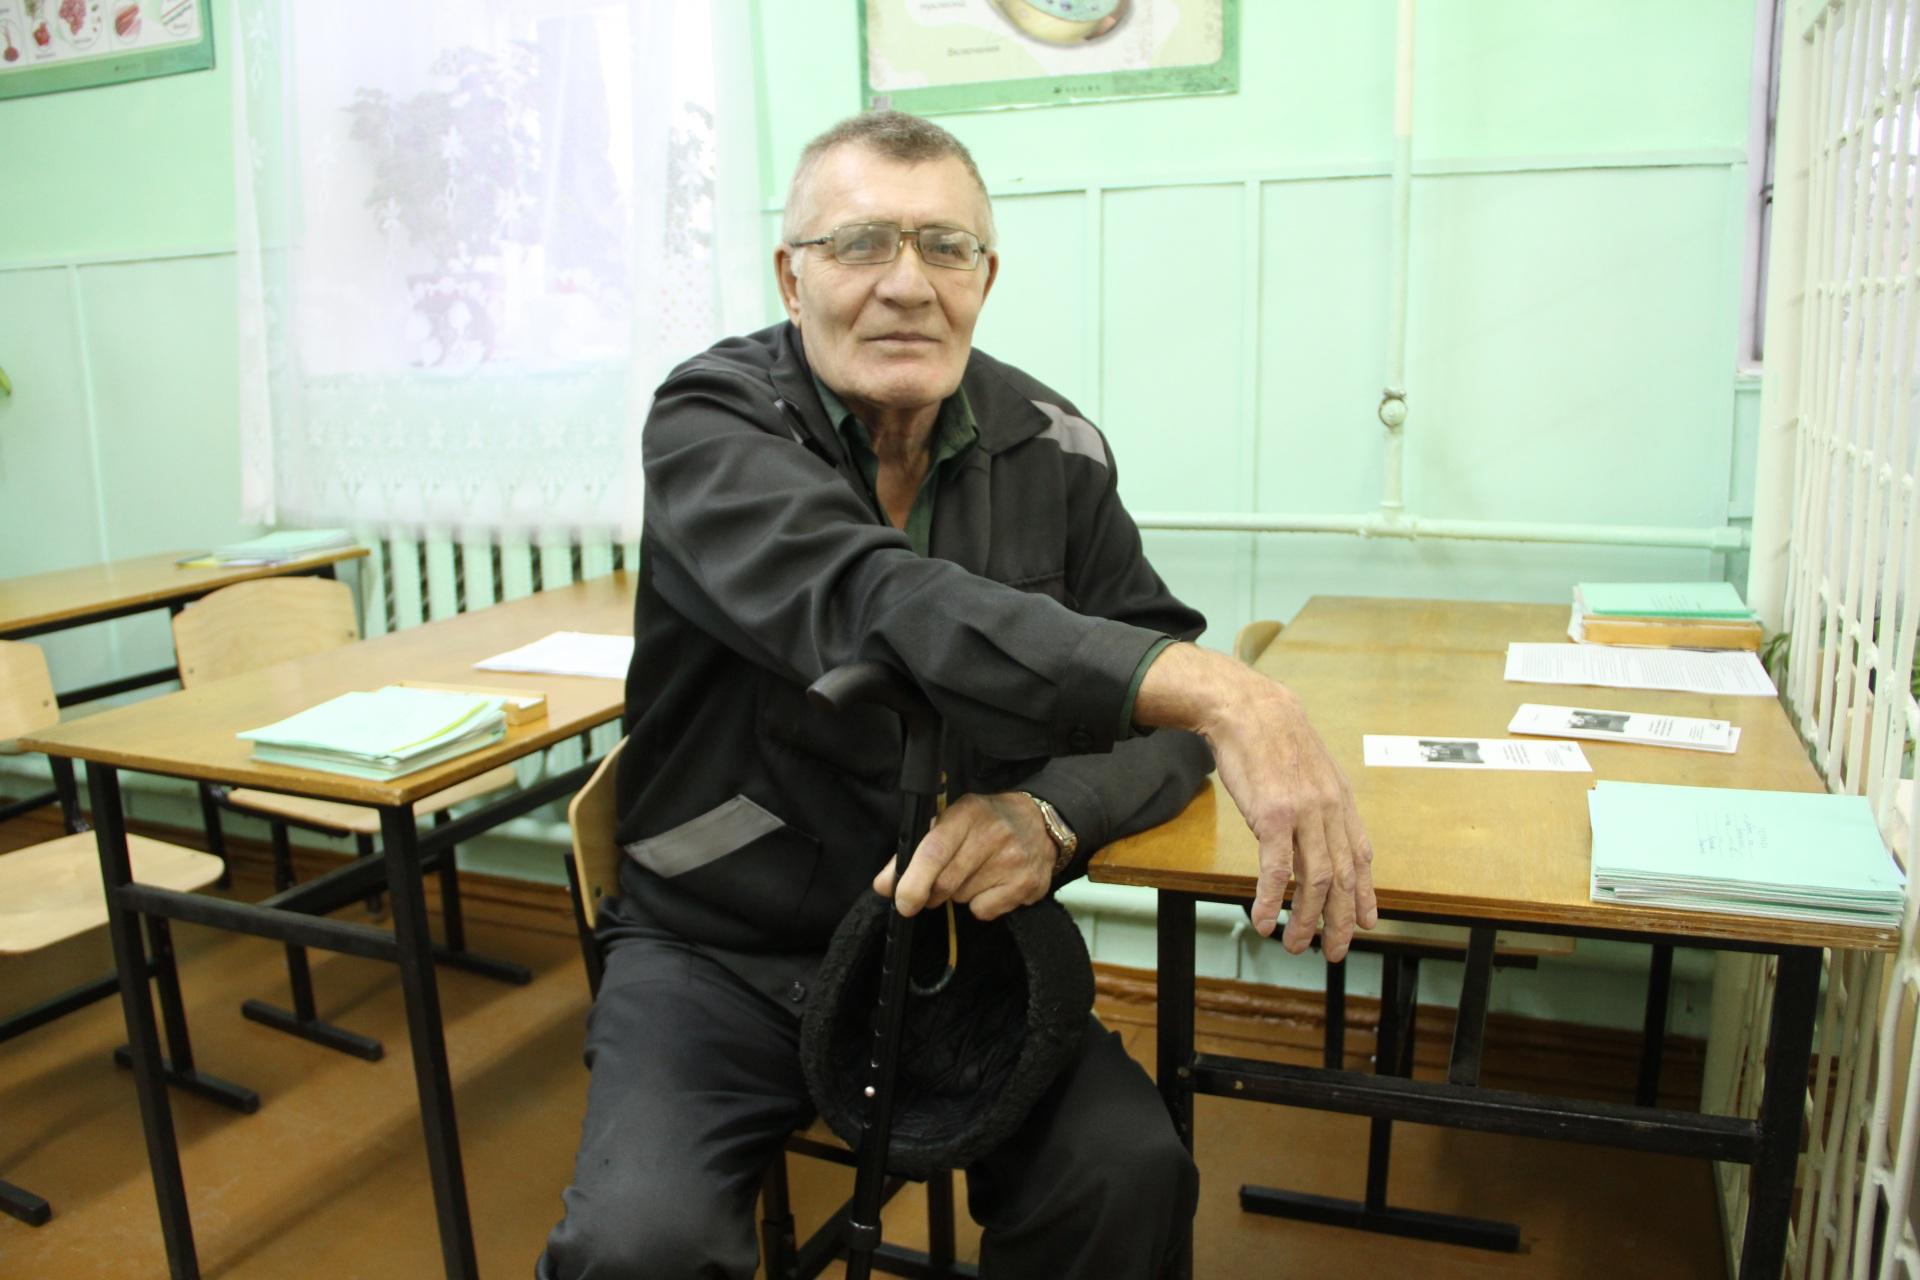 Осужденный ИК №1 Анатолий Сухогузов: